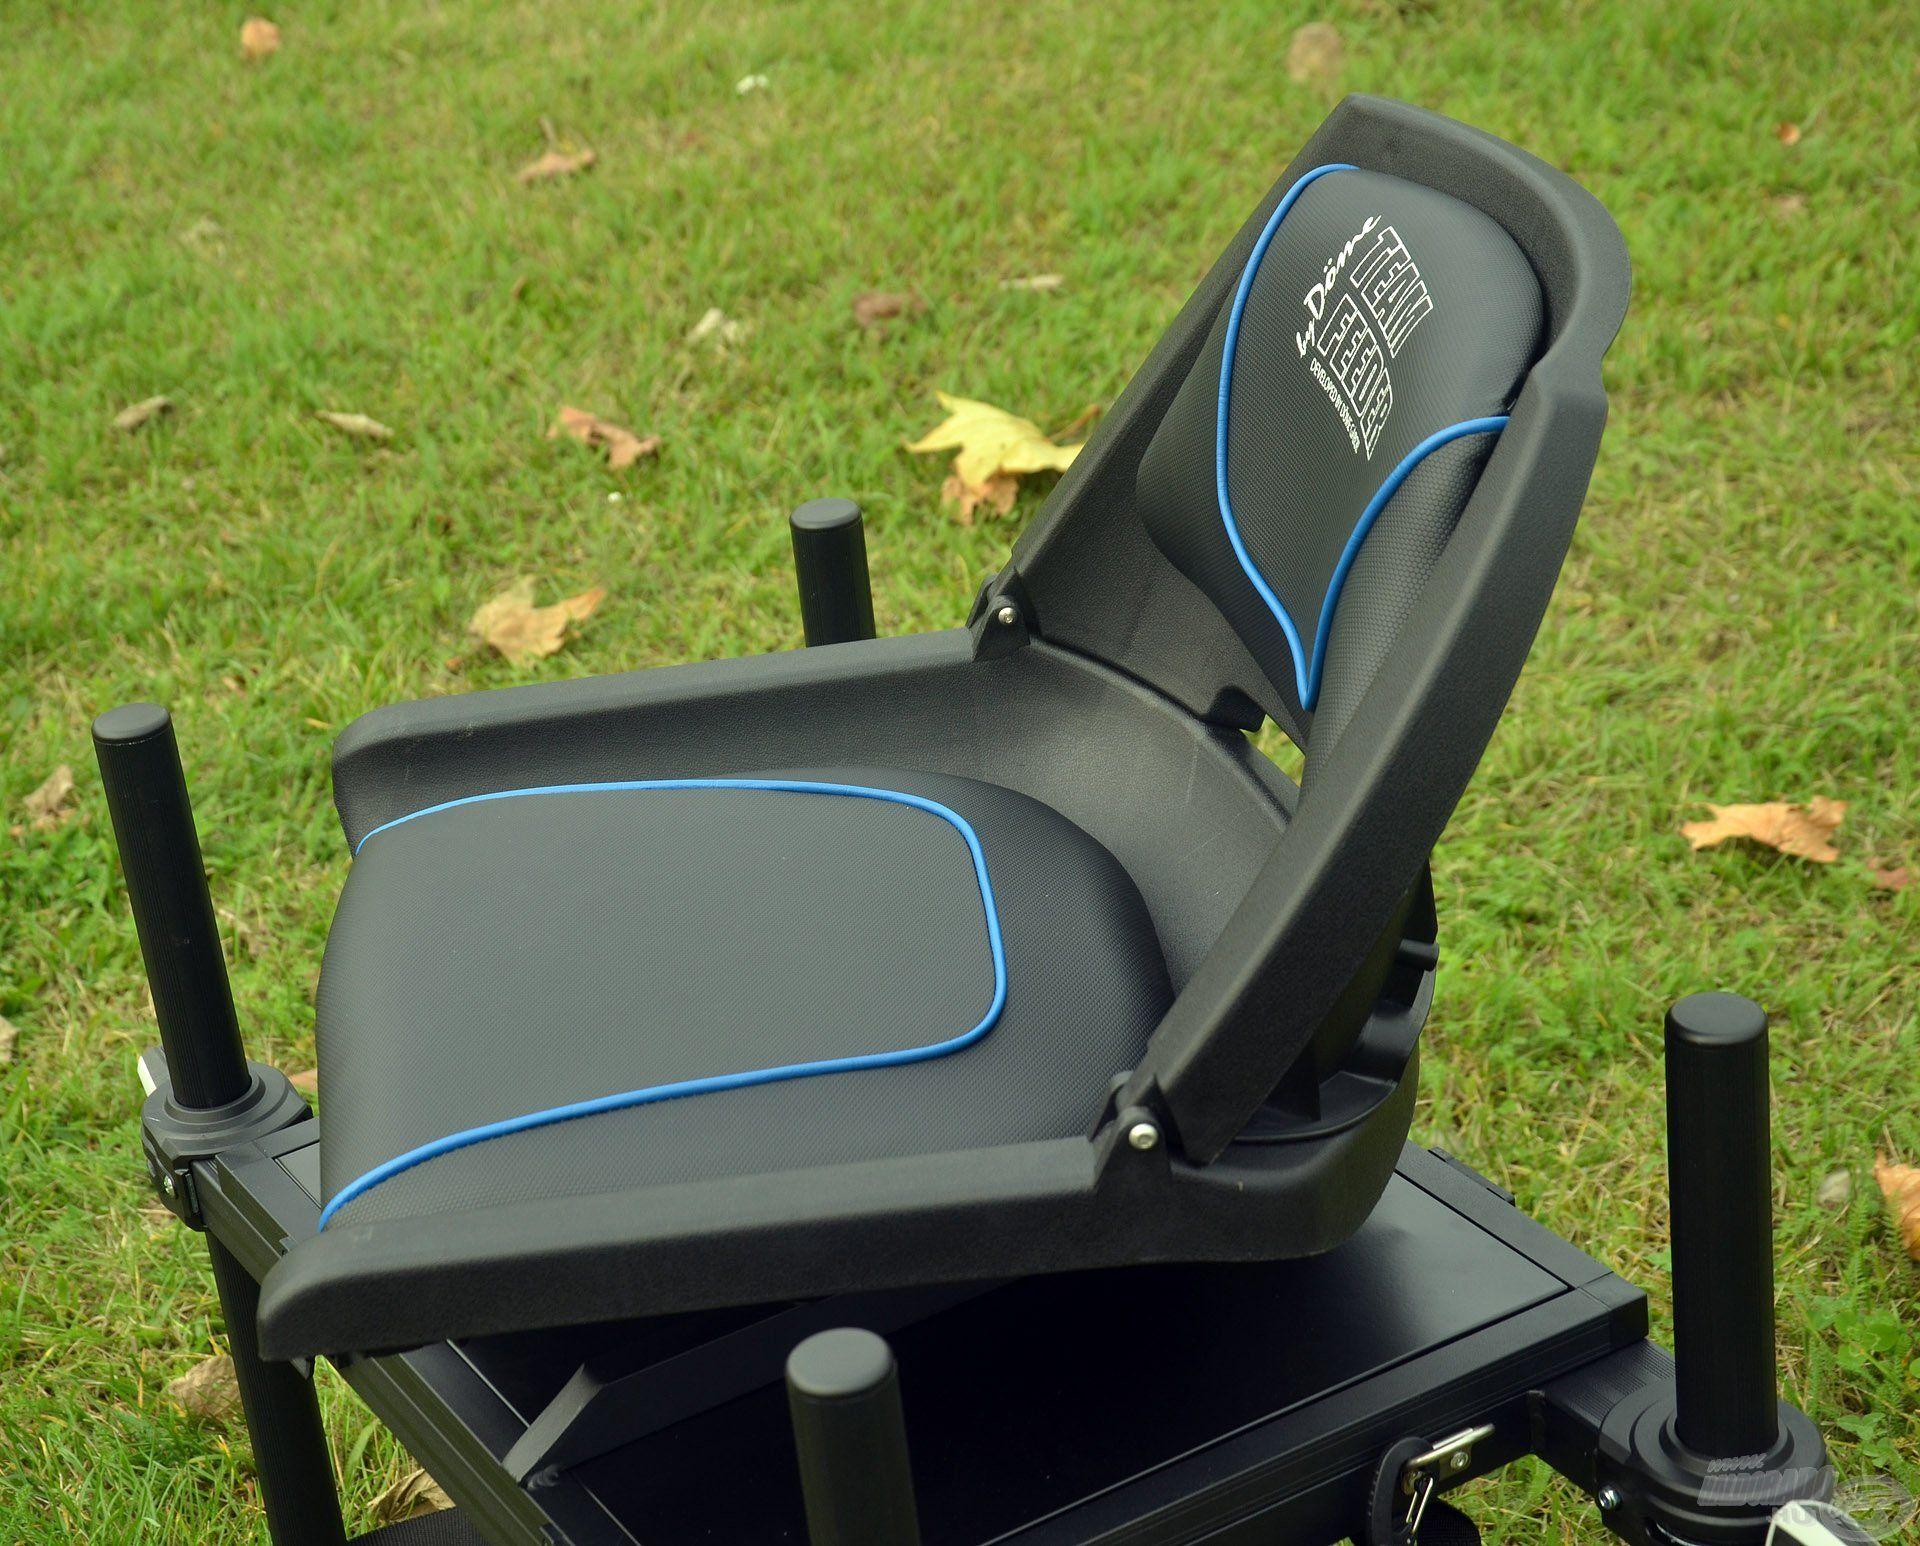 Kényelmes, forgós, puha ülőfelülettel + a derekat optimális helyen megtámasztó háttámlával rendelkezik